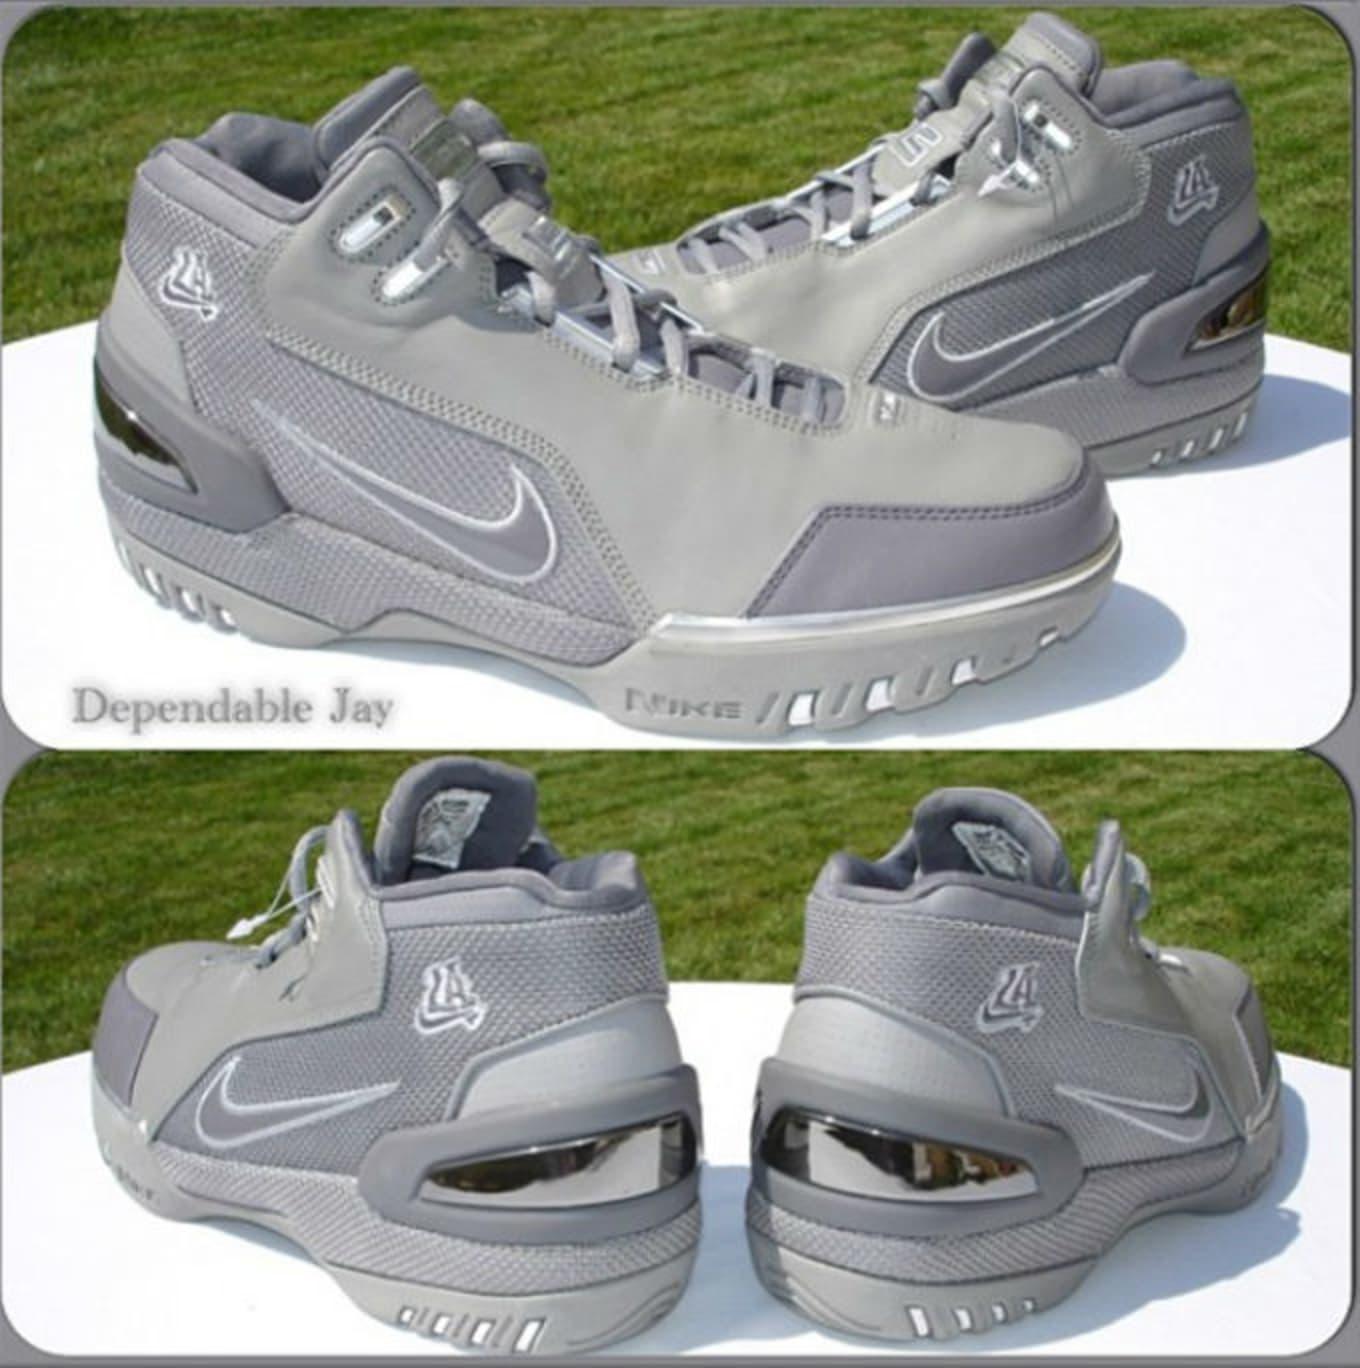 45c99b4c8b670 Nike Air Zoom Generation